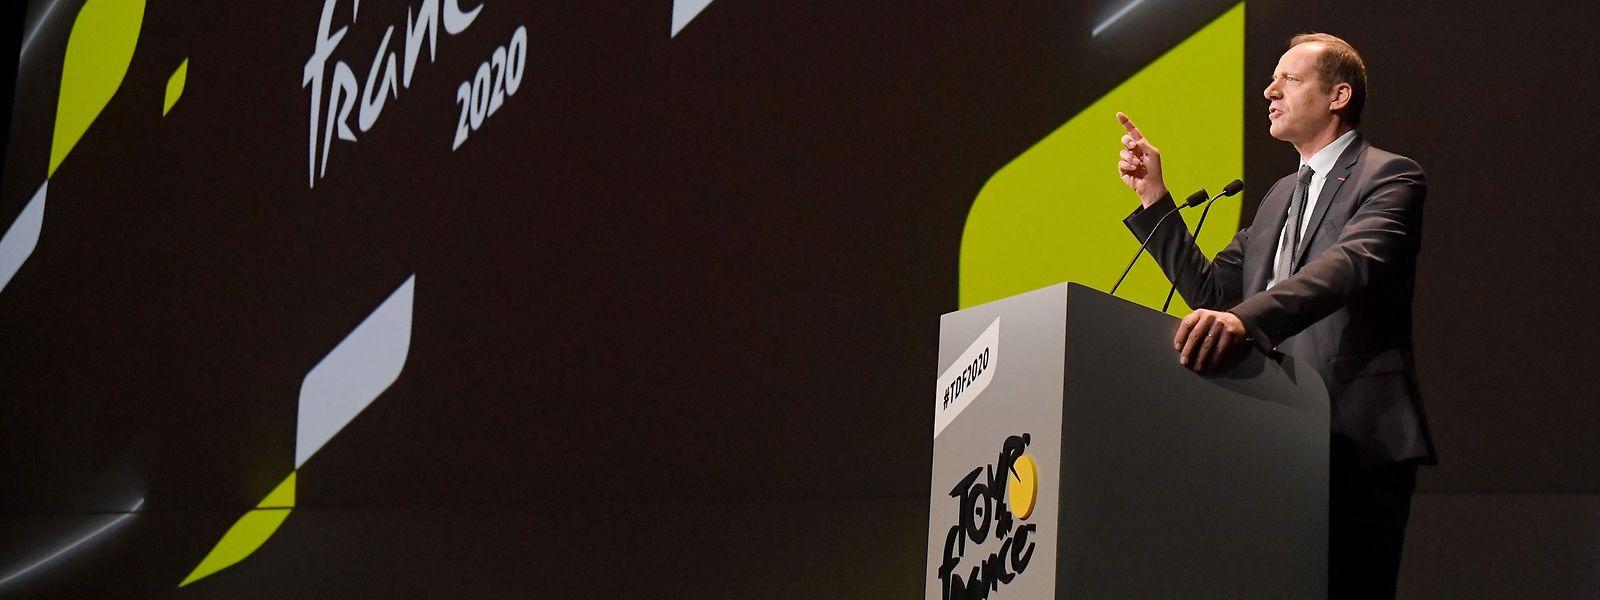 Christian Prudhomme a détaillé en détails le parcours du 107e Tour de France.